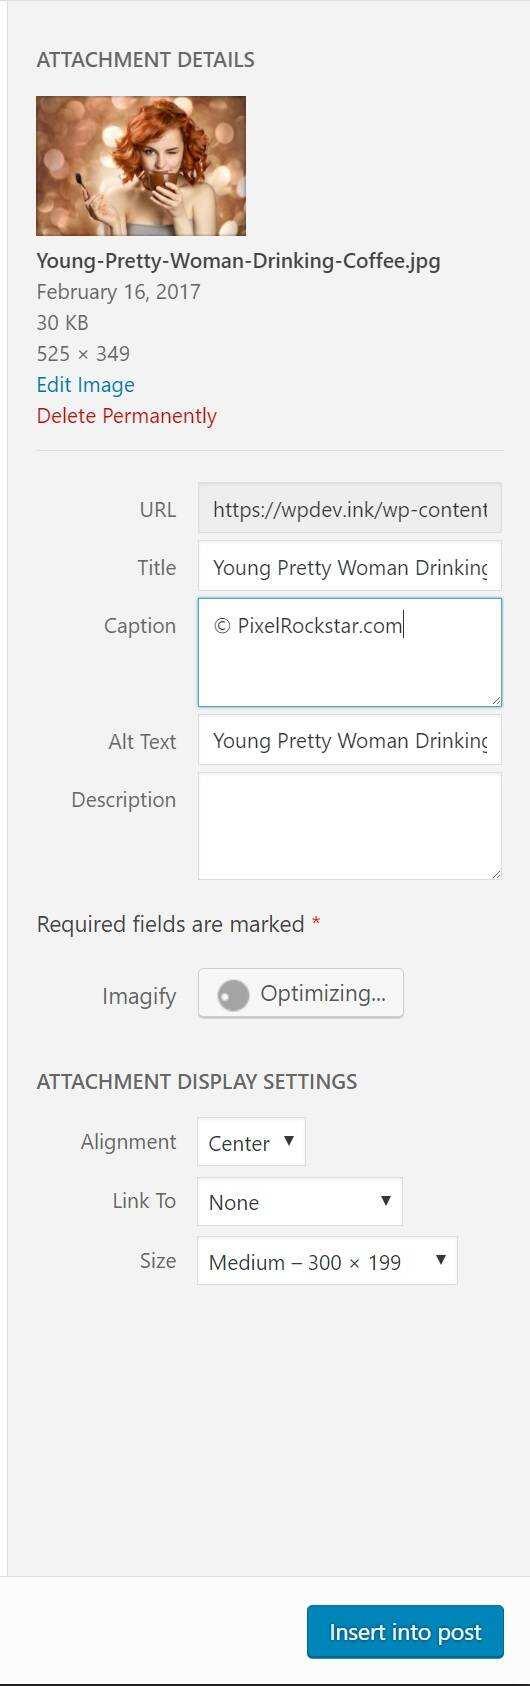 PixelRockStar照片默认设置信息